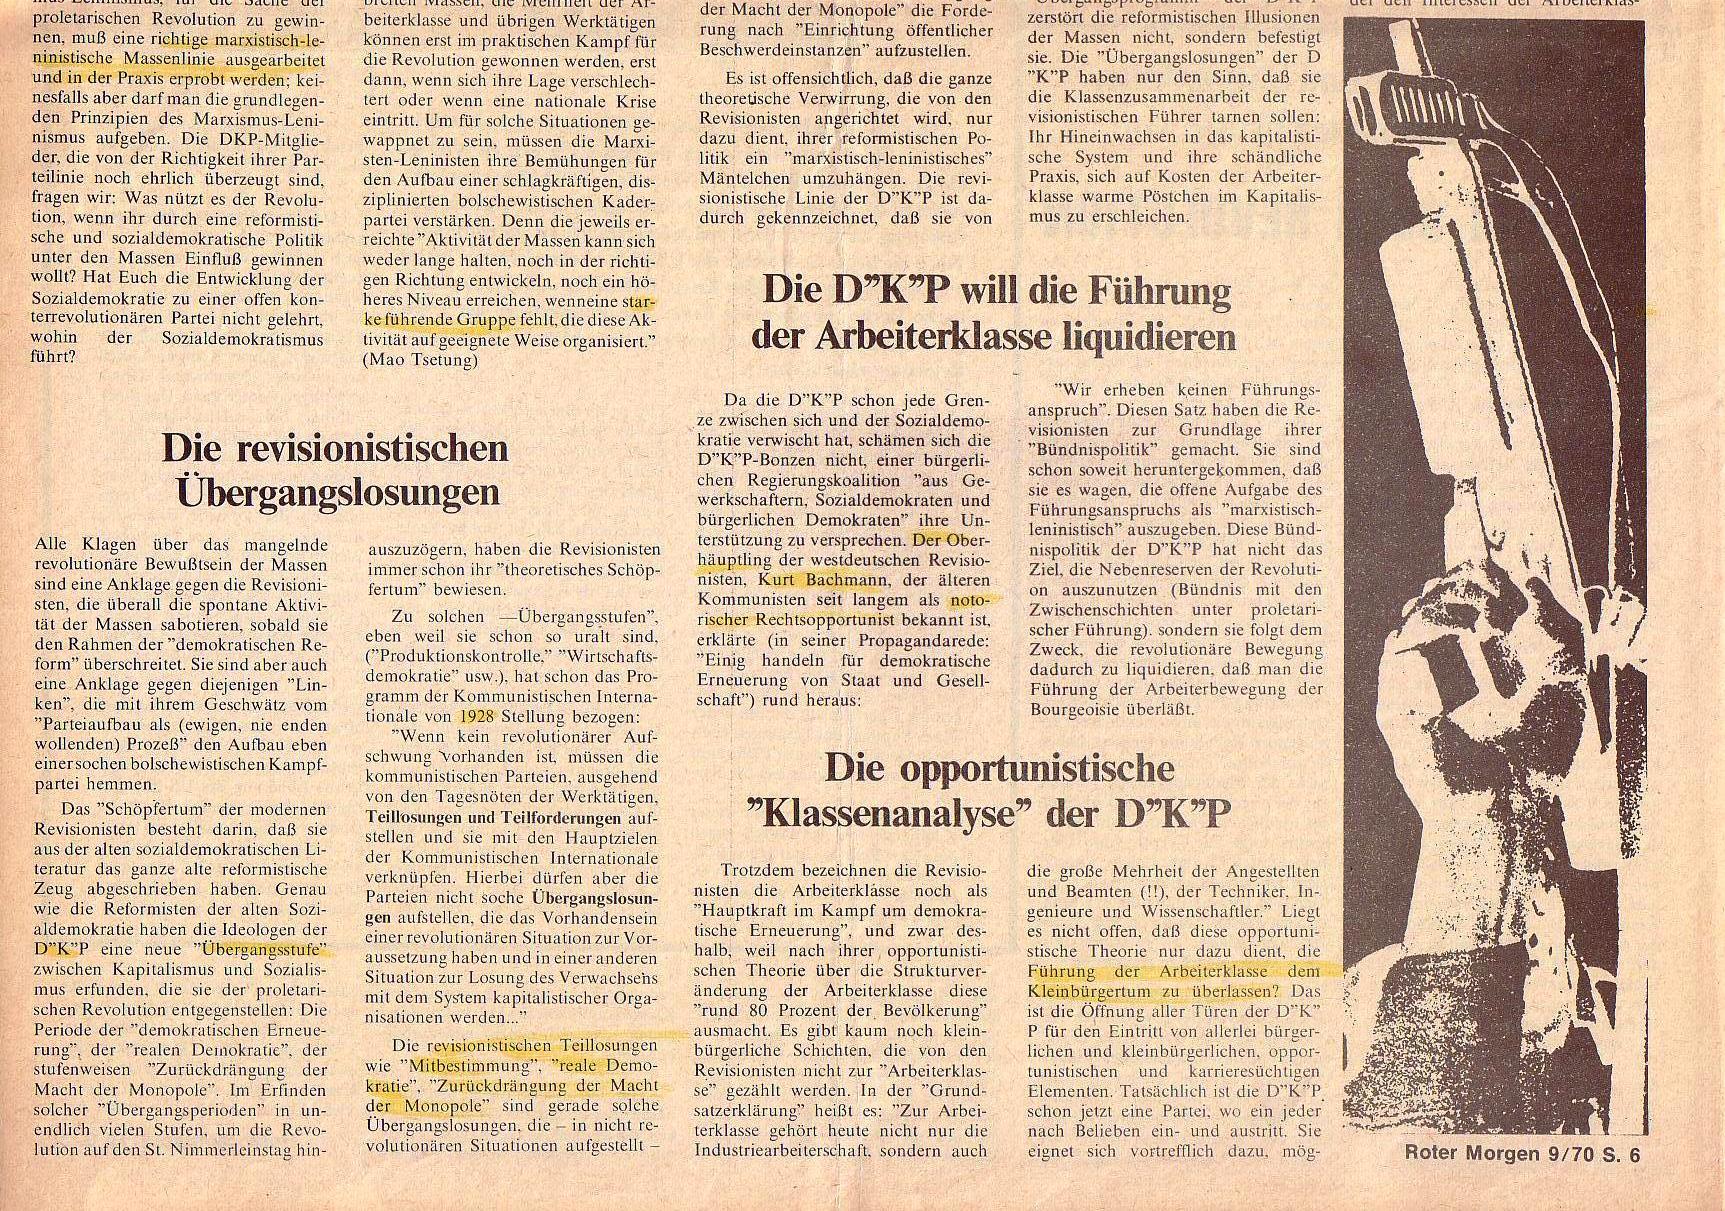 Roter Morgen, 4. Jg., Oktober 1970, Nr. 9, Seite 6b